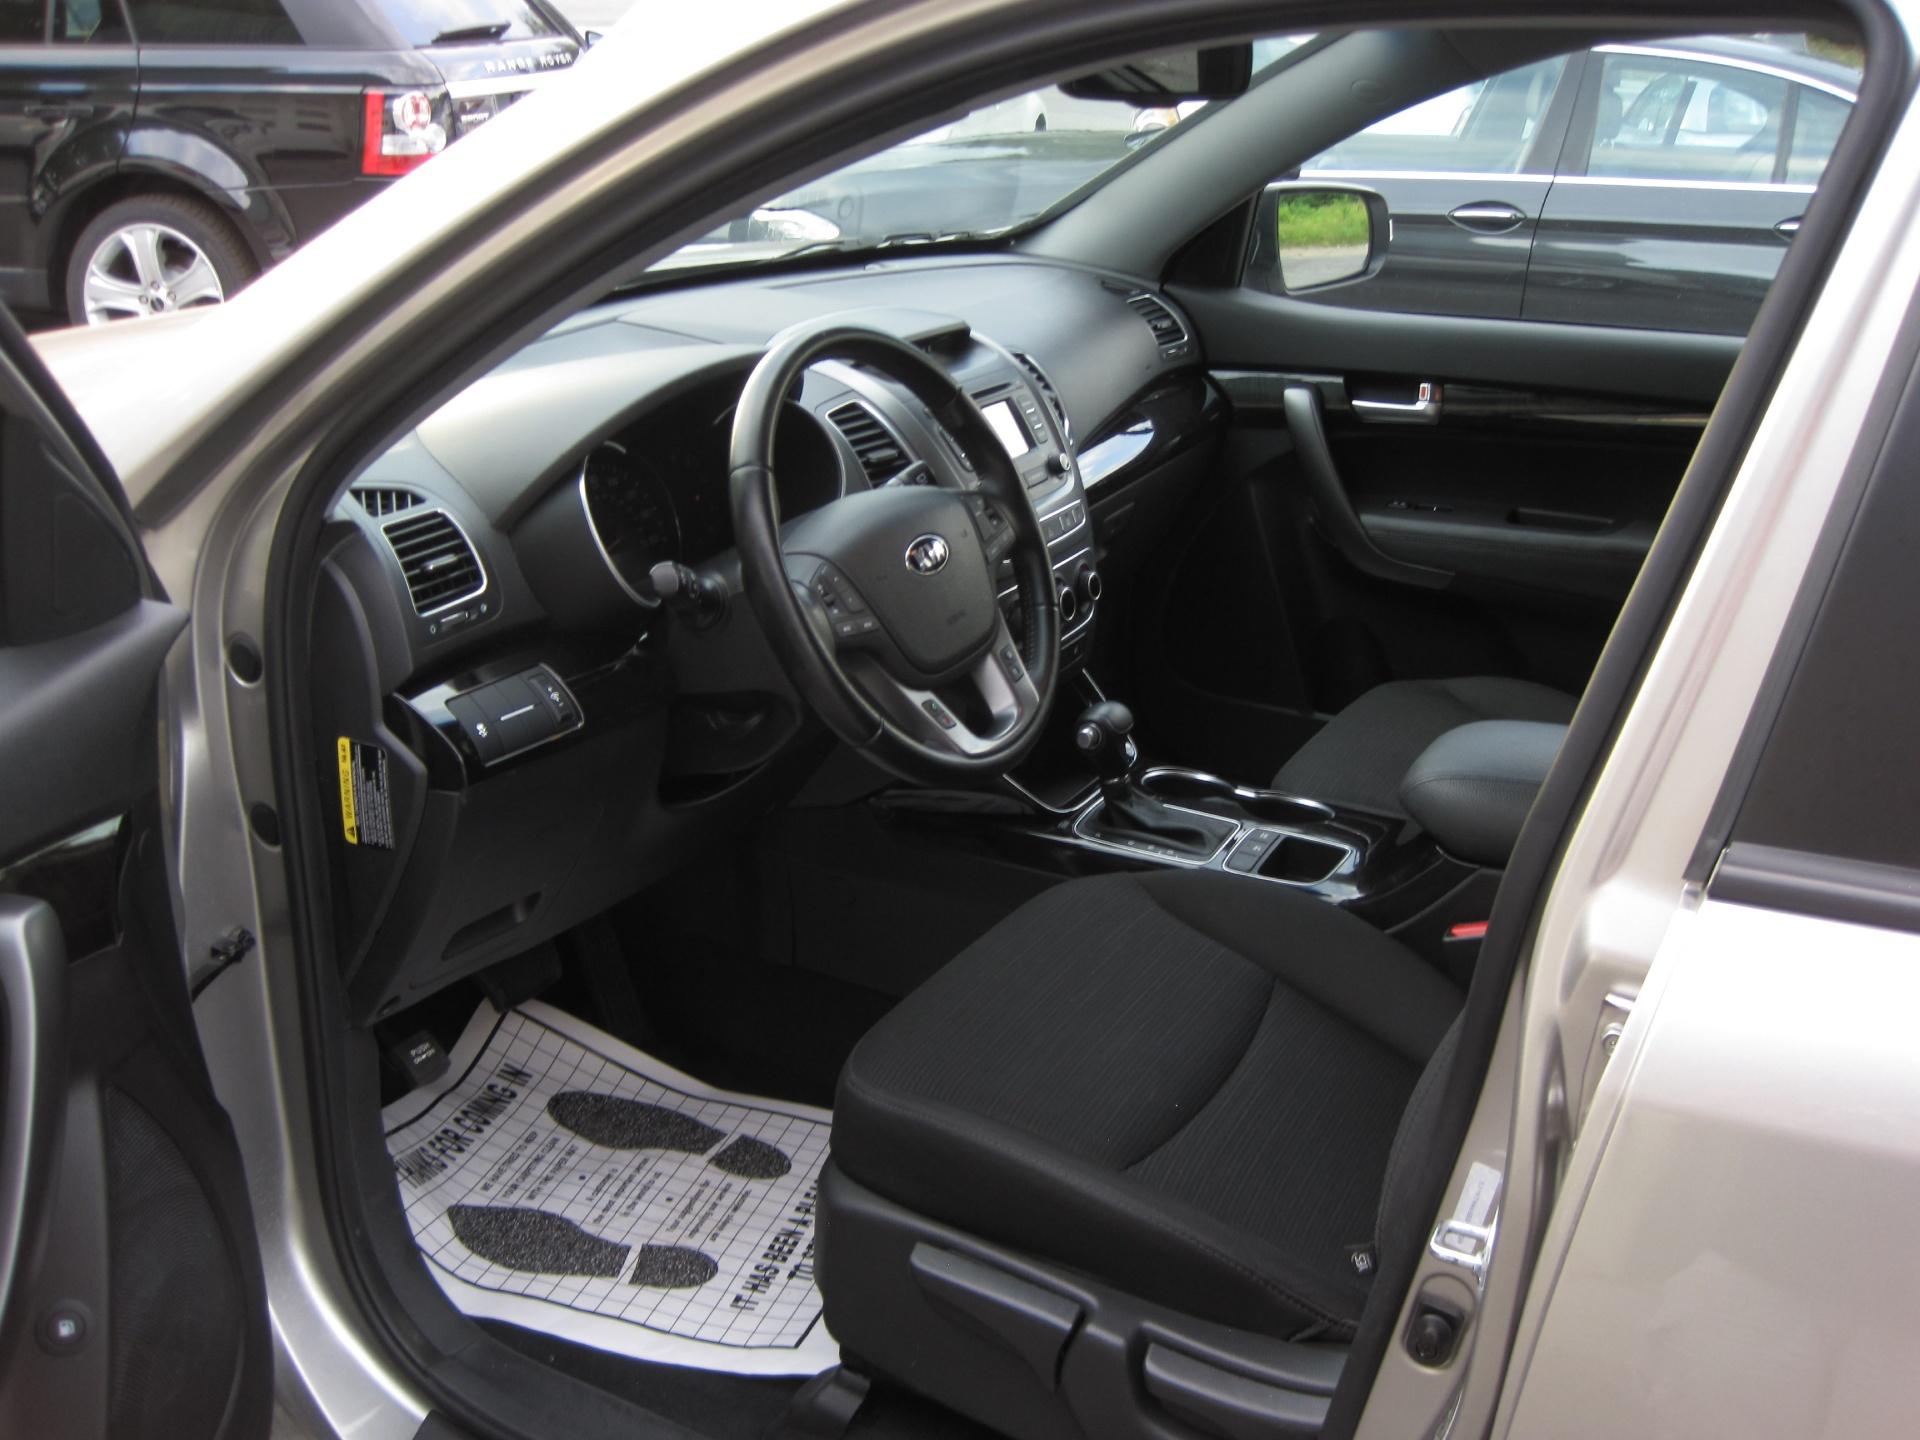 BMW Albany Ny >> 2014 Kia Sorento LX 3RD ROW SEAT,REARVIEW BACK-UP CAMERA ...